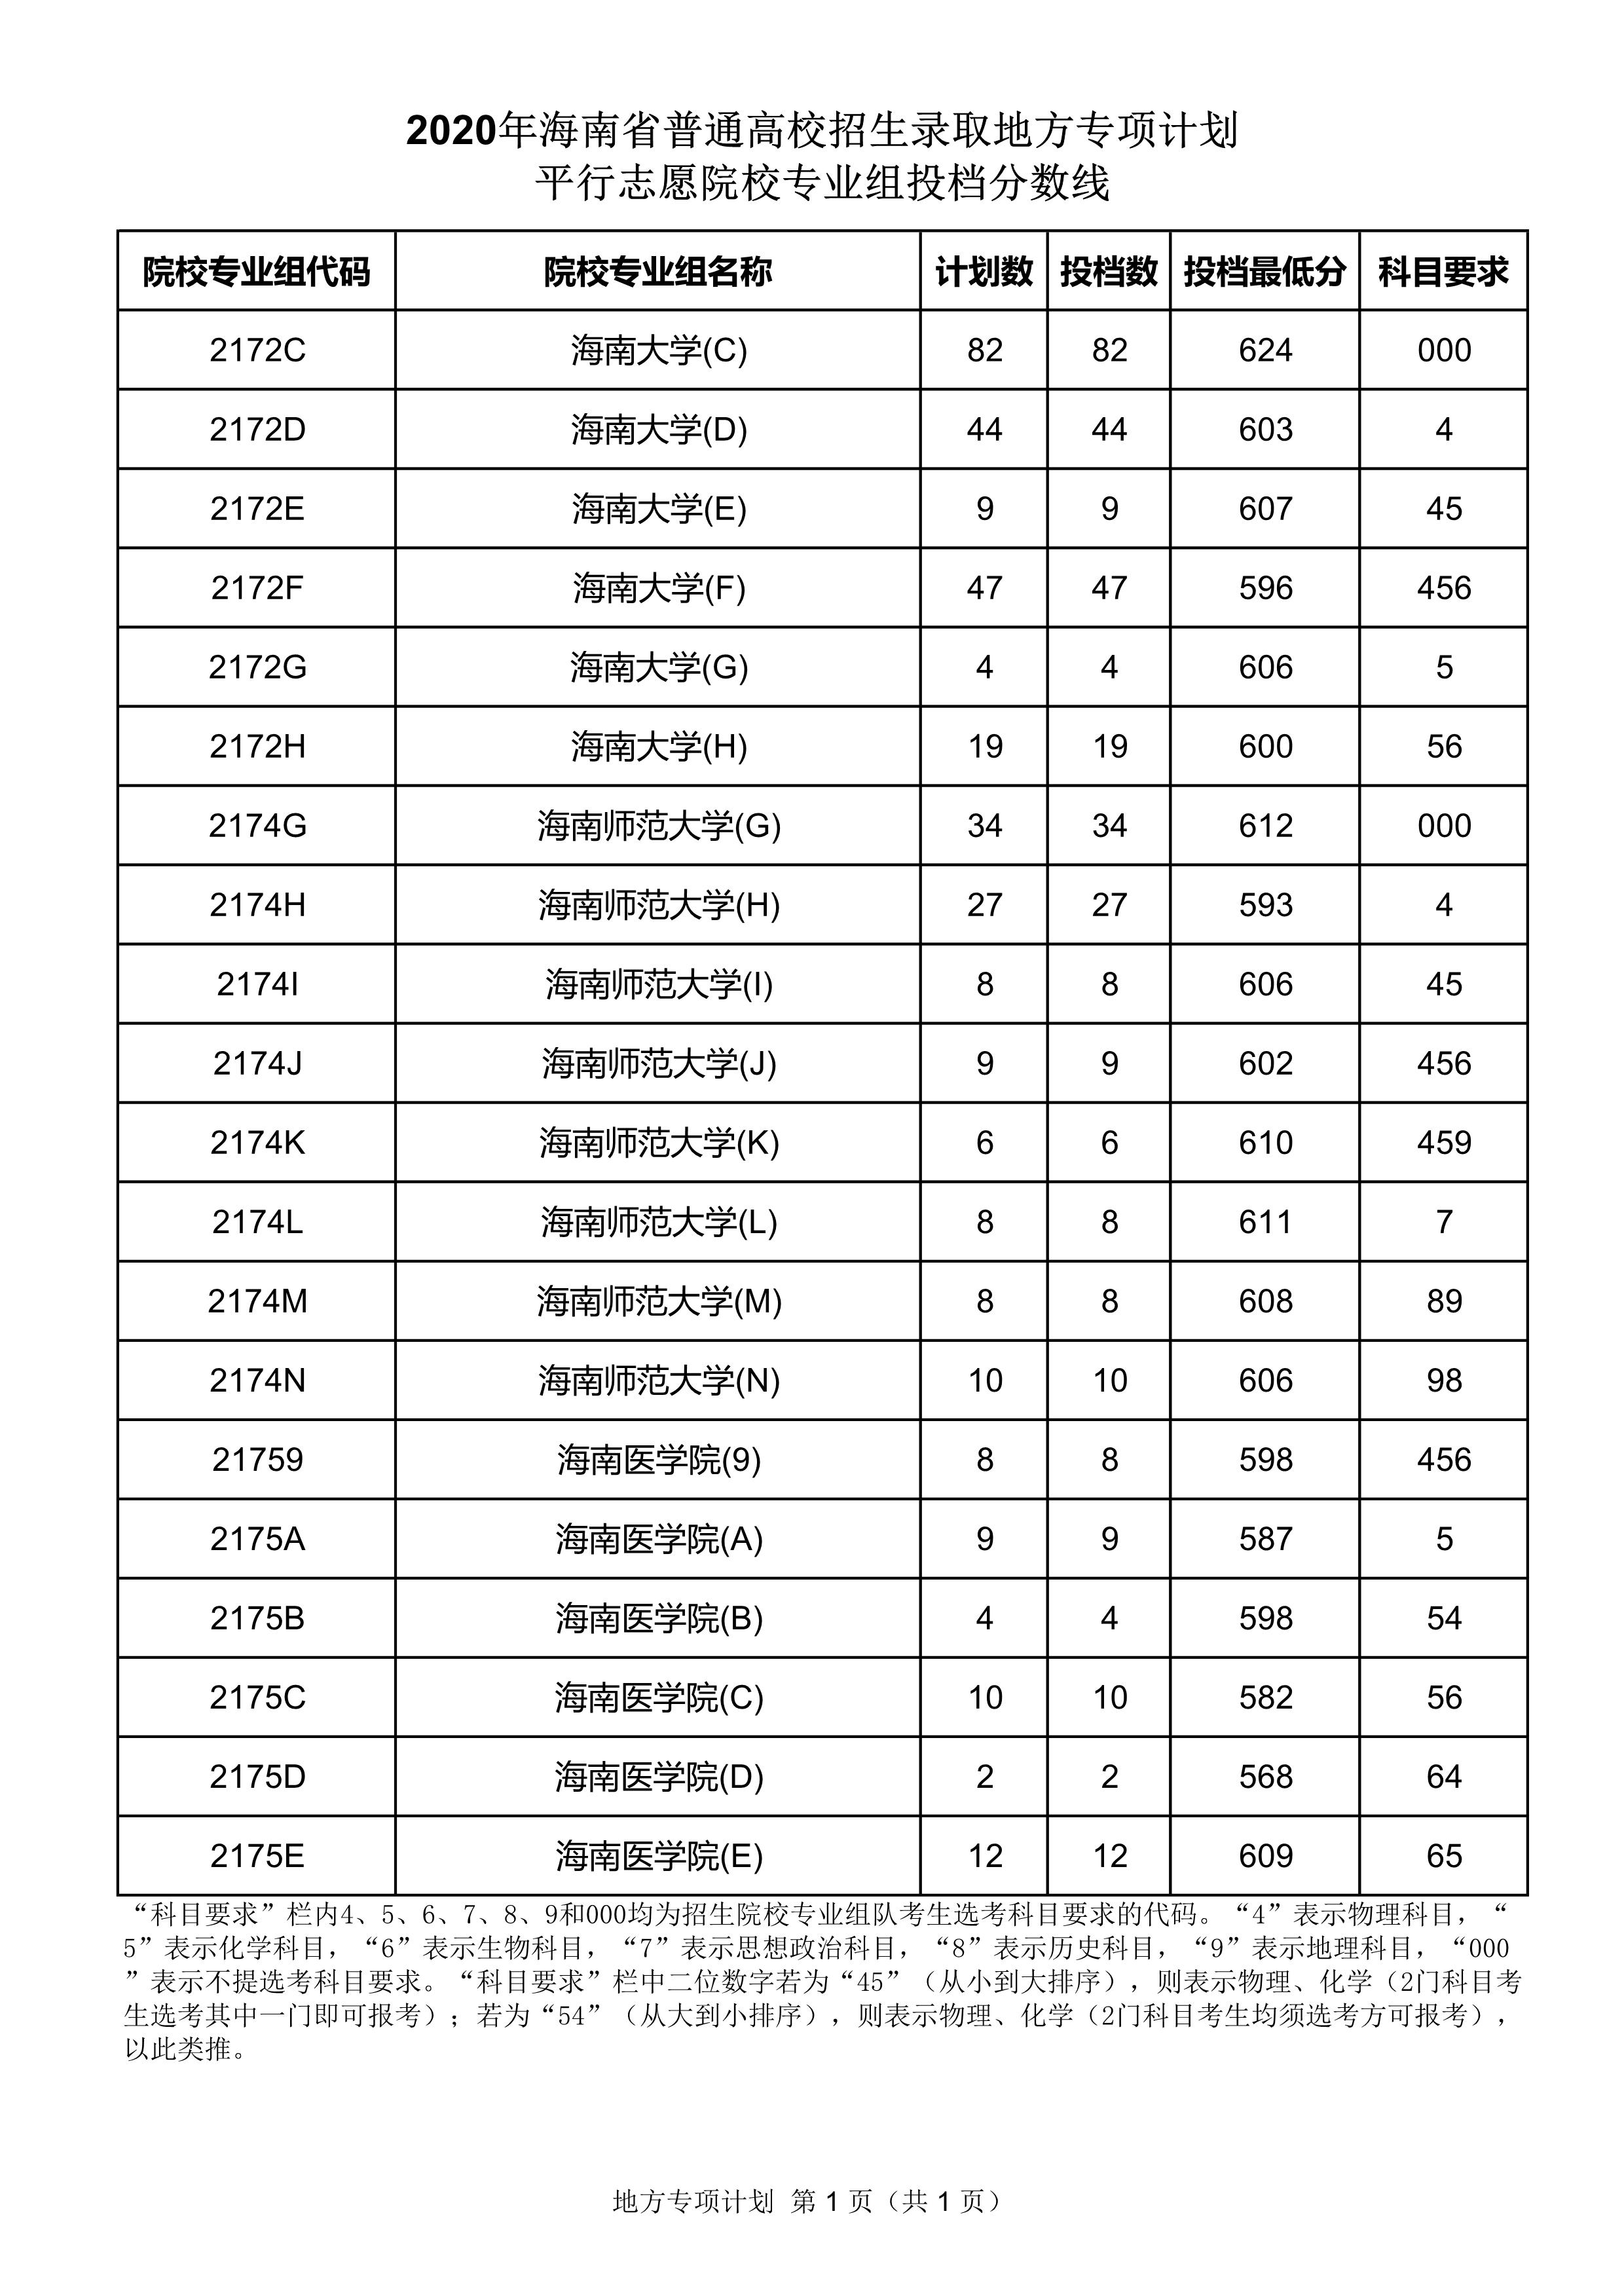 海南:2020年地方专项计划平行志愿院校专业组投档分数线